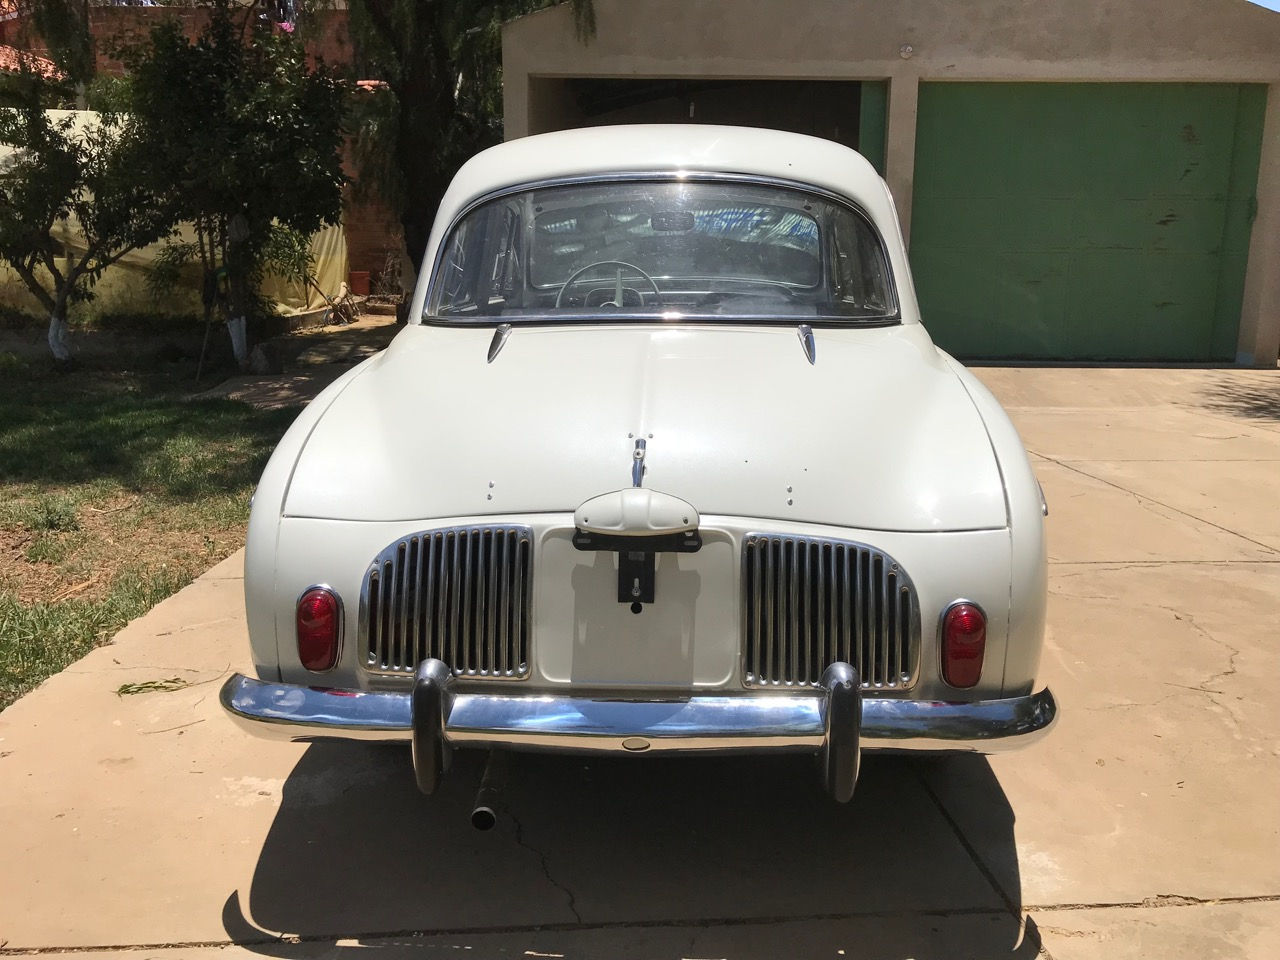 1962_renault-dauphine-rear.jpg